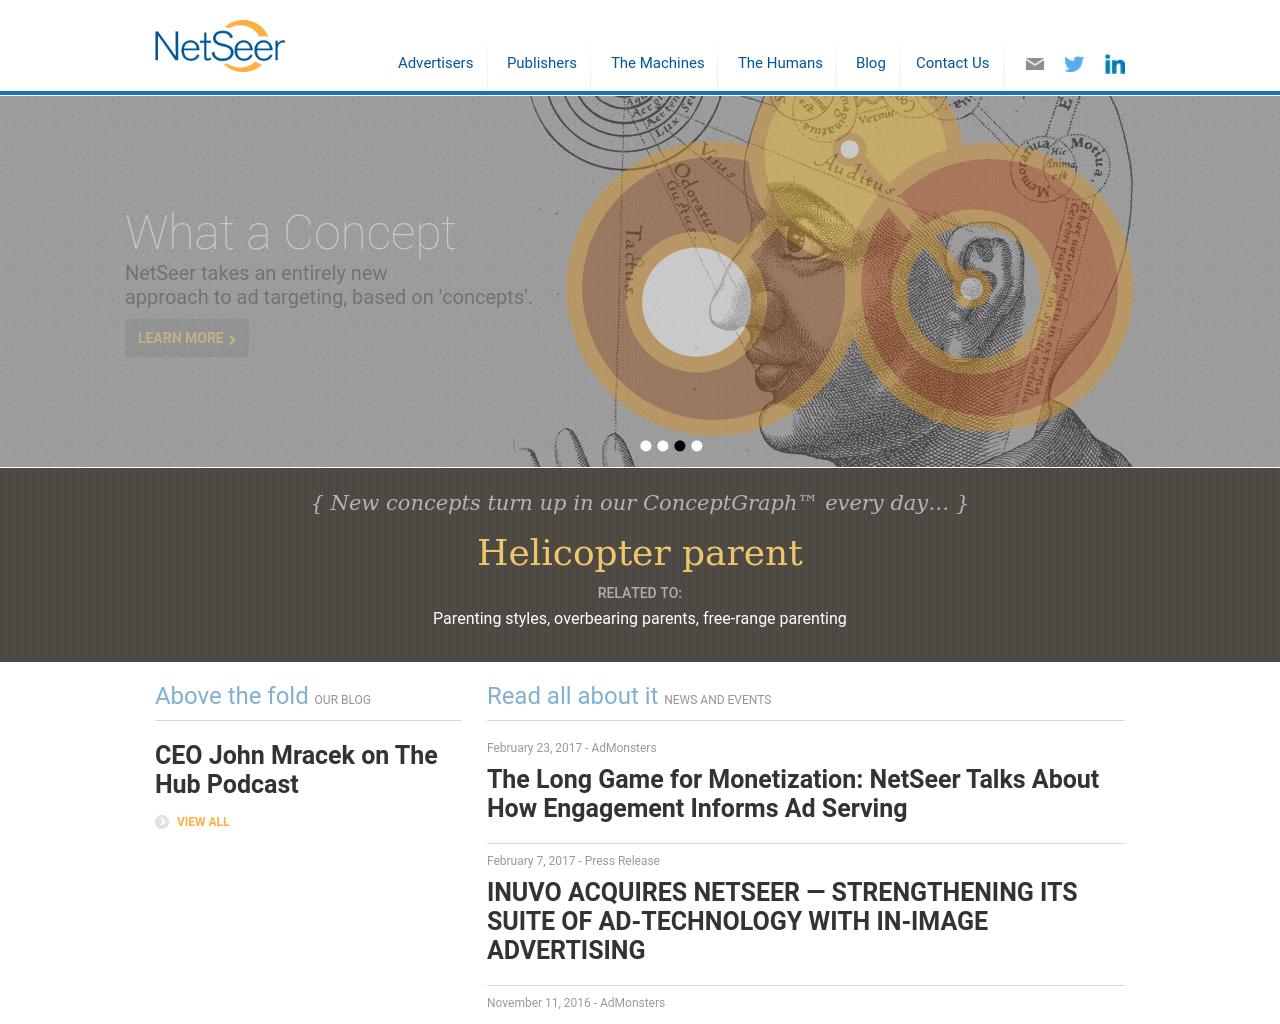 NetSeer-Advertising-Reviews-Pricing